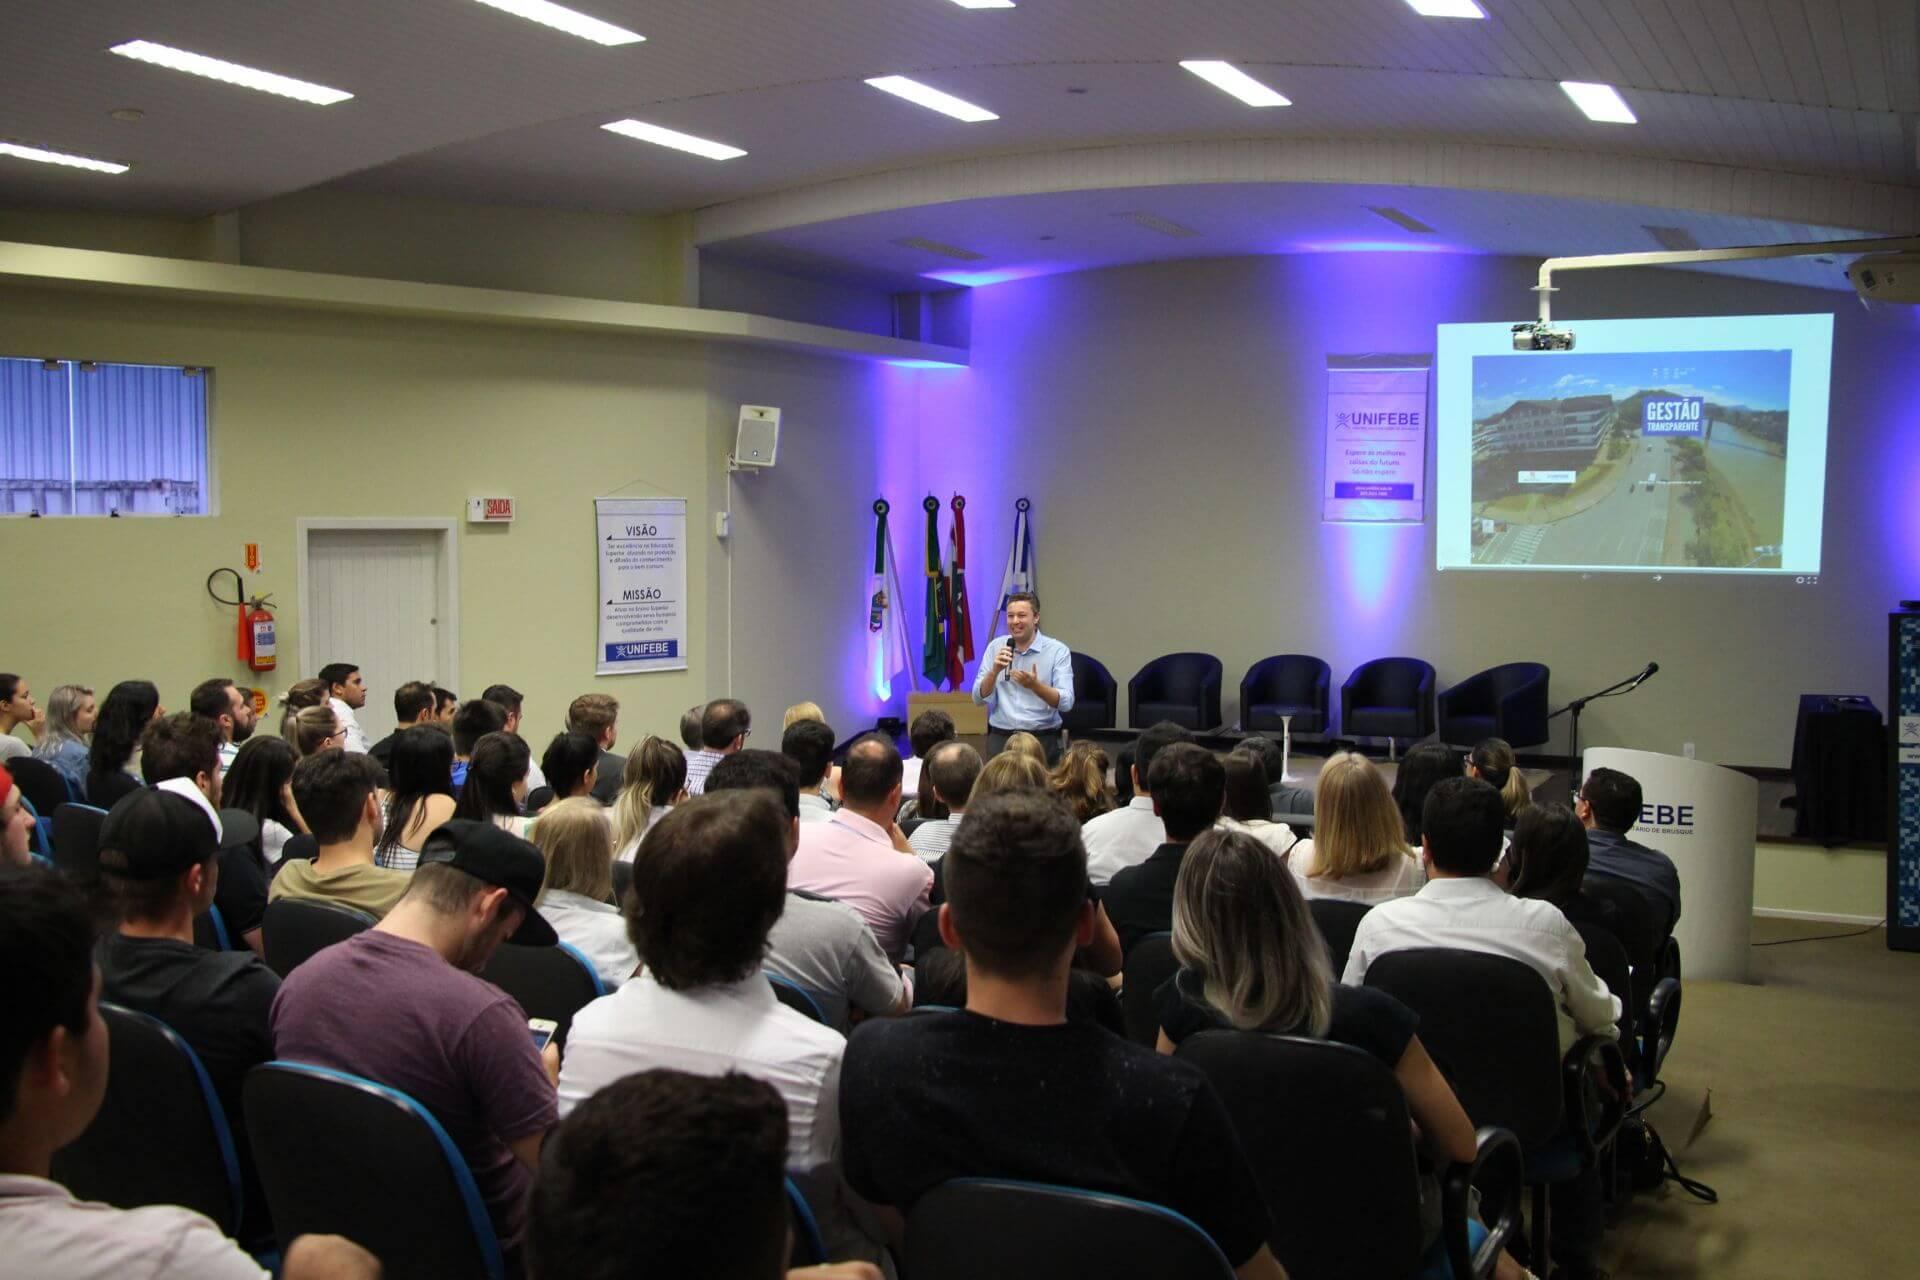 Prefeito de Blumenau apresenta cases de gestão pública na UNIFEBE